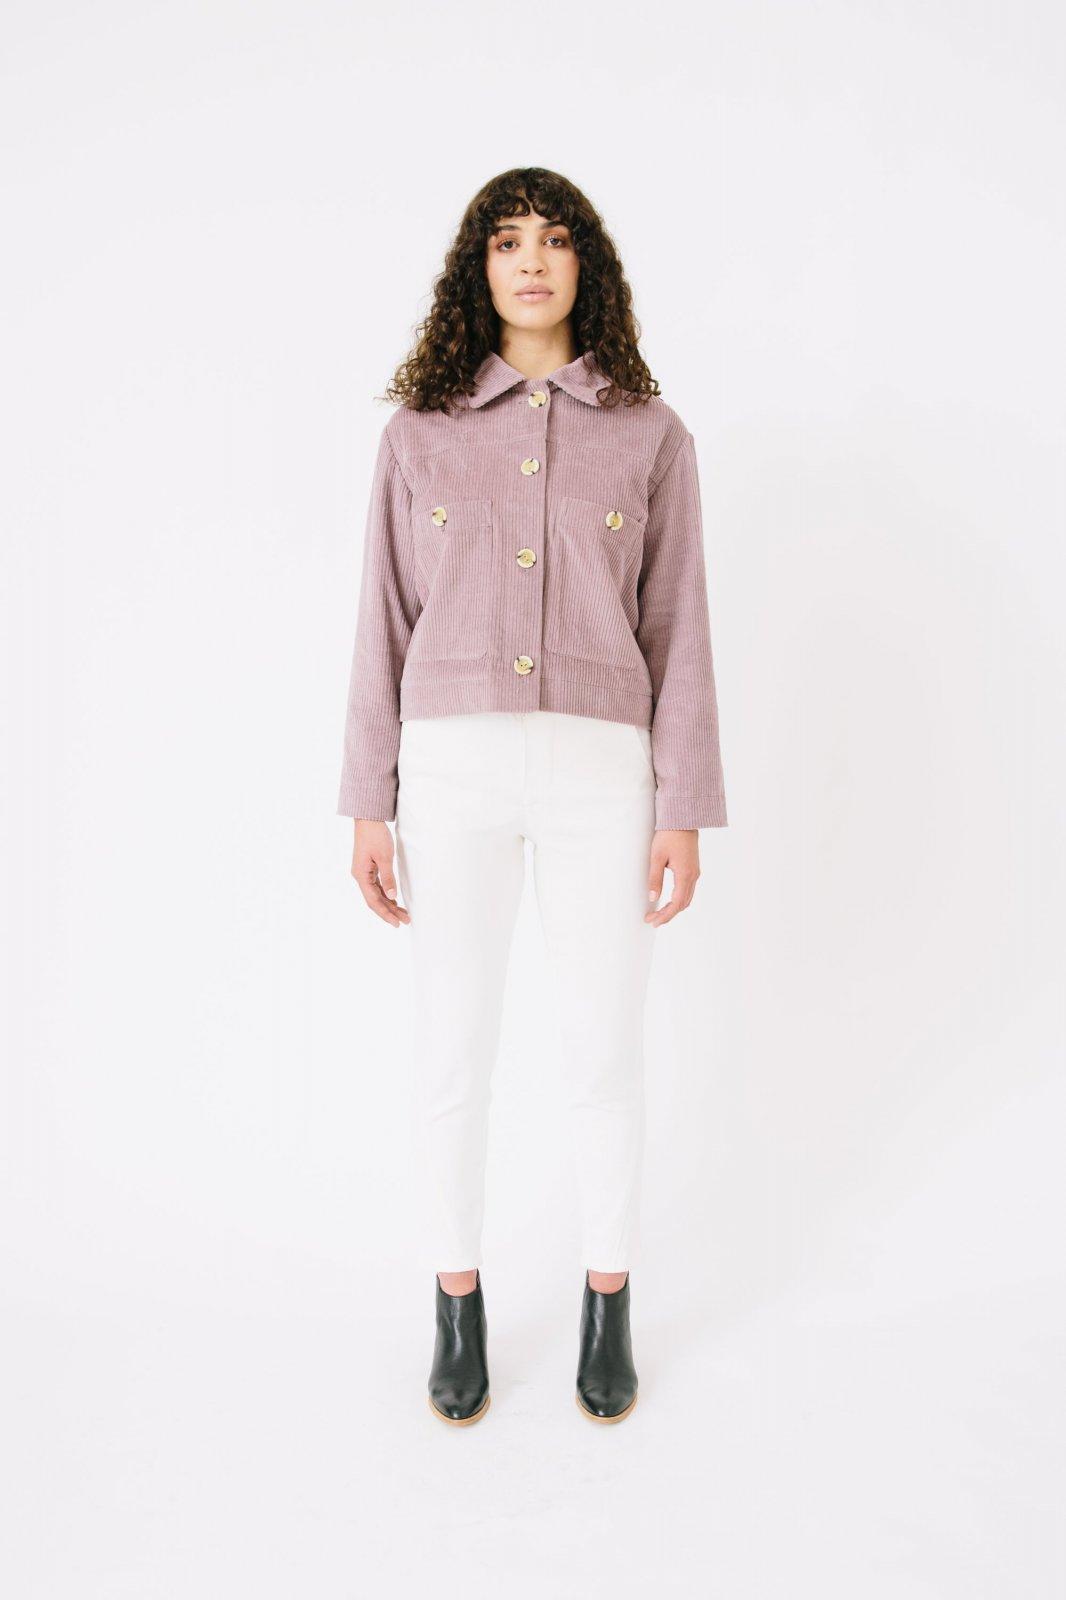 Stacker Jacket - Papercut